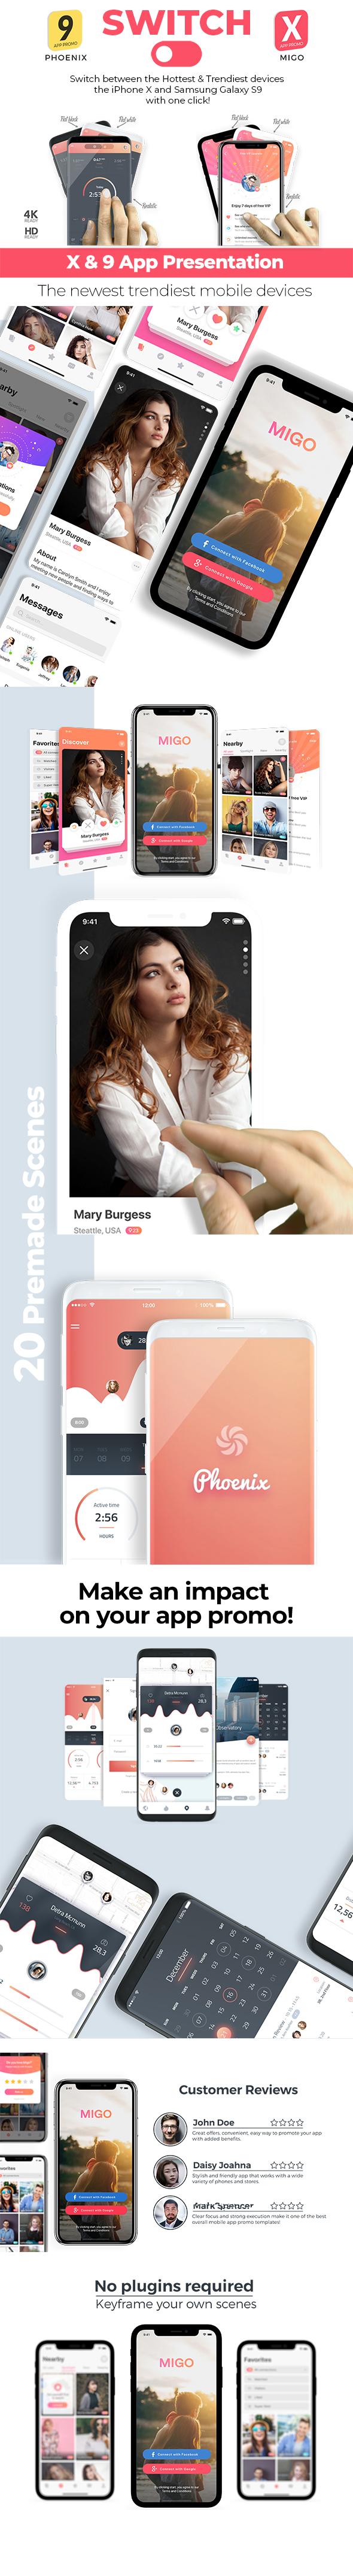 Switch: phoneX & s9 App Promo - 5